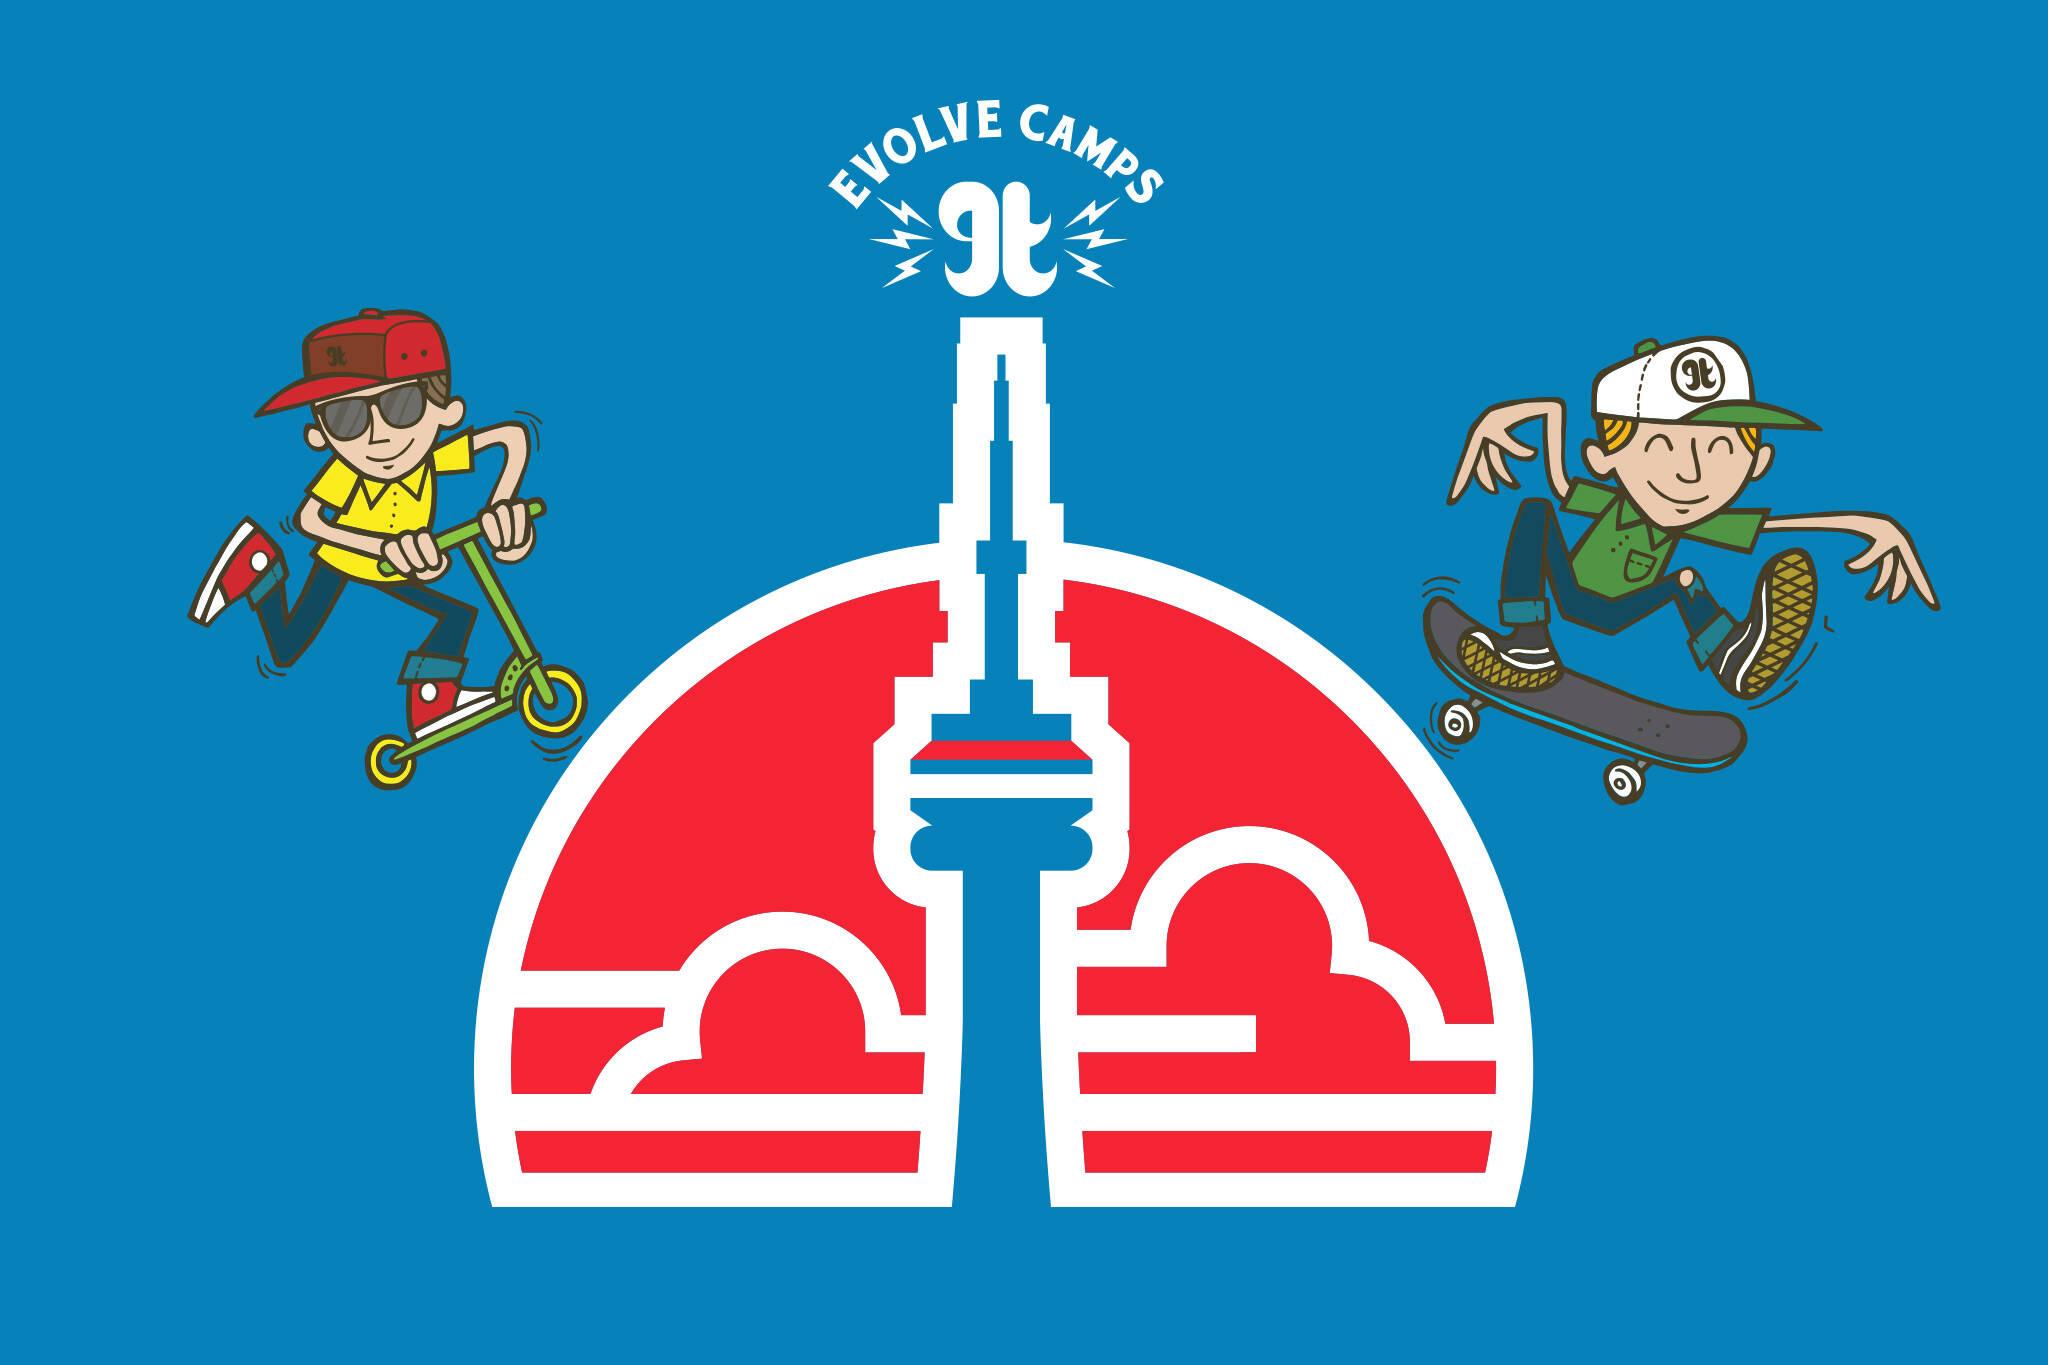 Evolve Camps Toronto